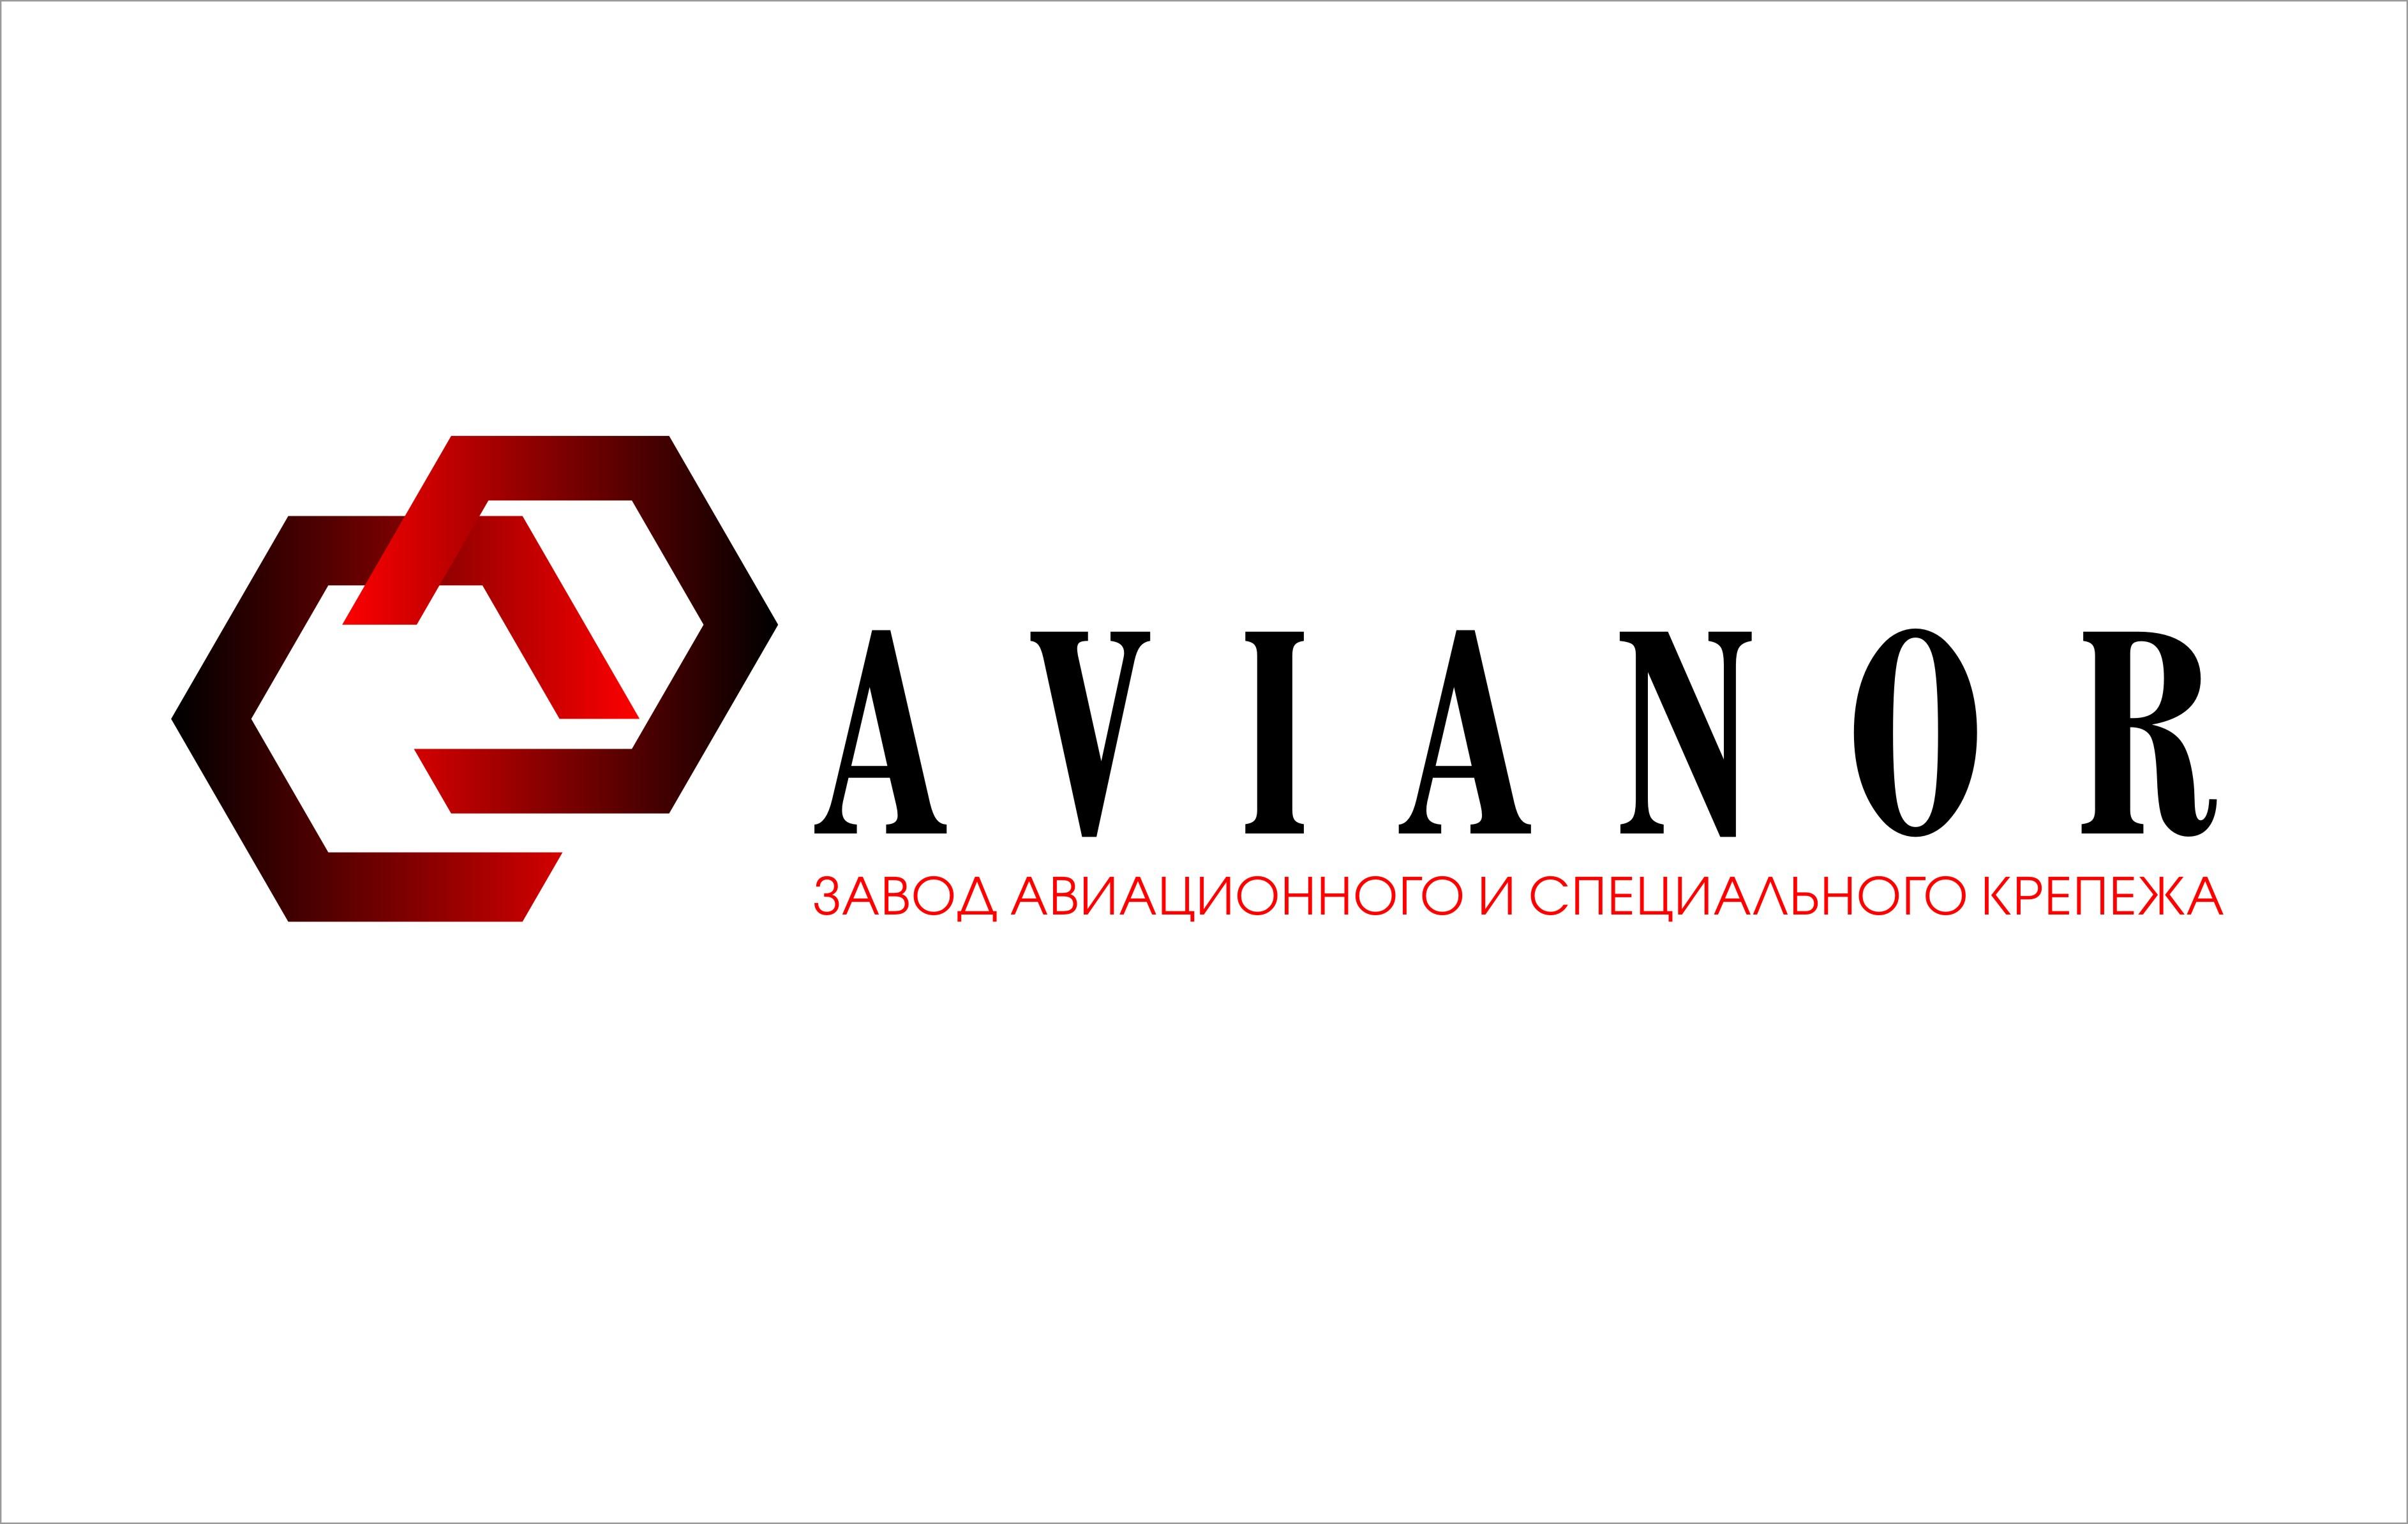 Нужен логотип и фирменный стиль для завода фото f_764529845842ca83.jpg